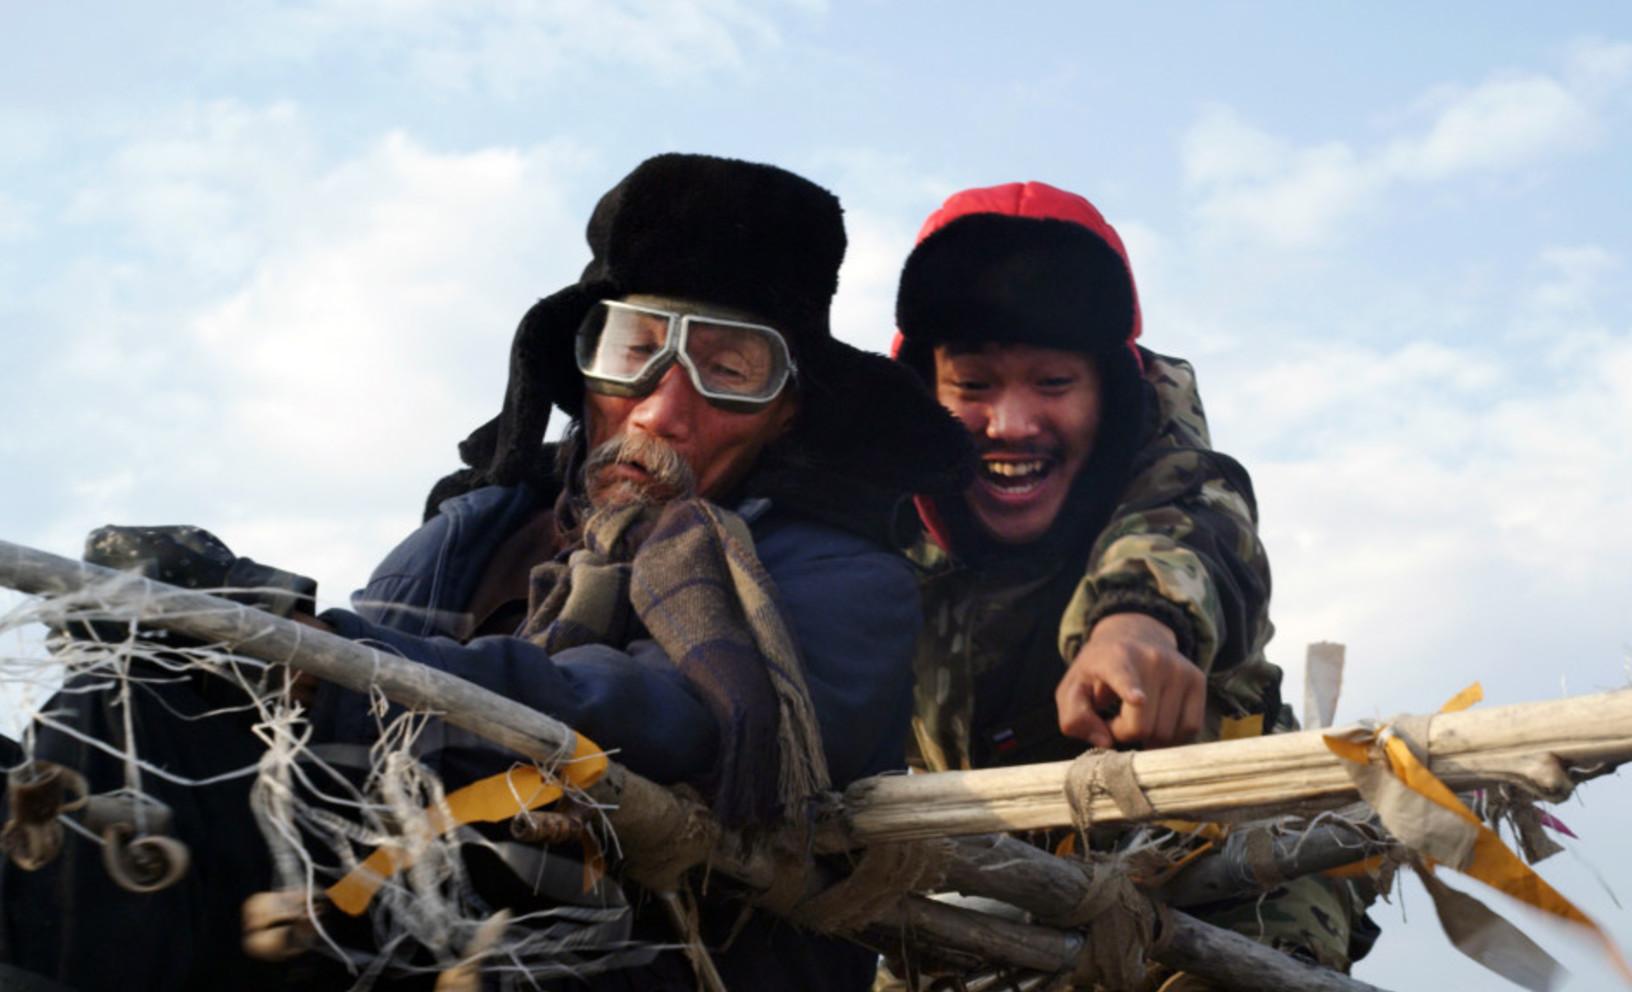 """Фильм """"Надо мною солнце не садится"""" получил главный приз на Международном кинофестивале Гренландии"""